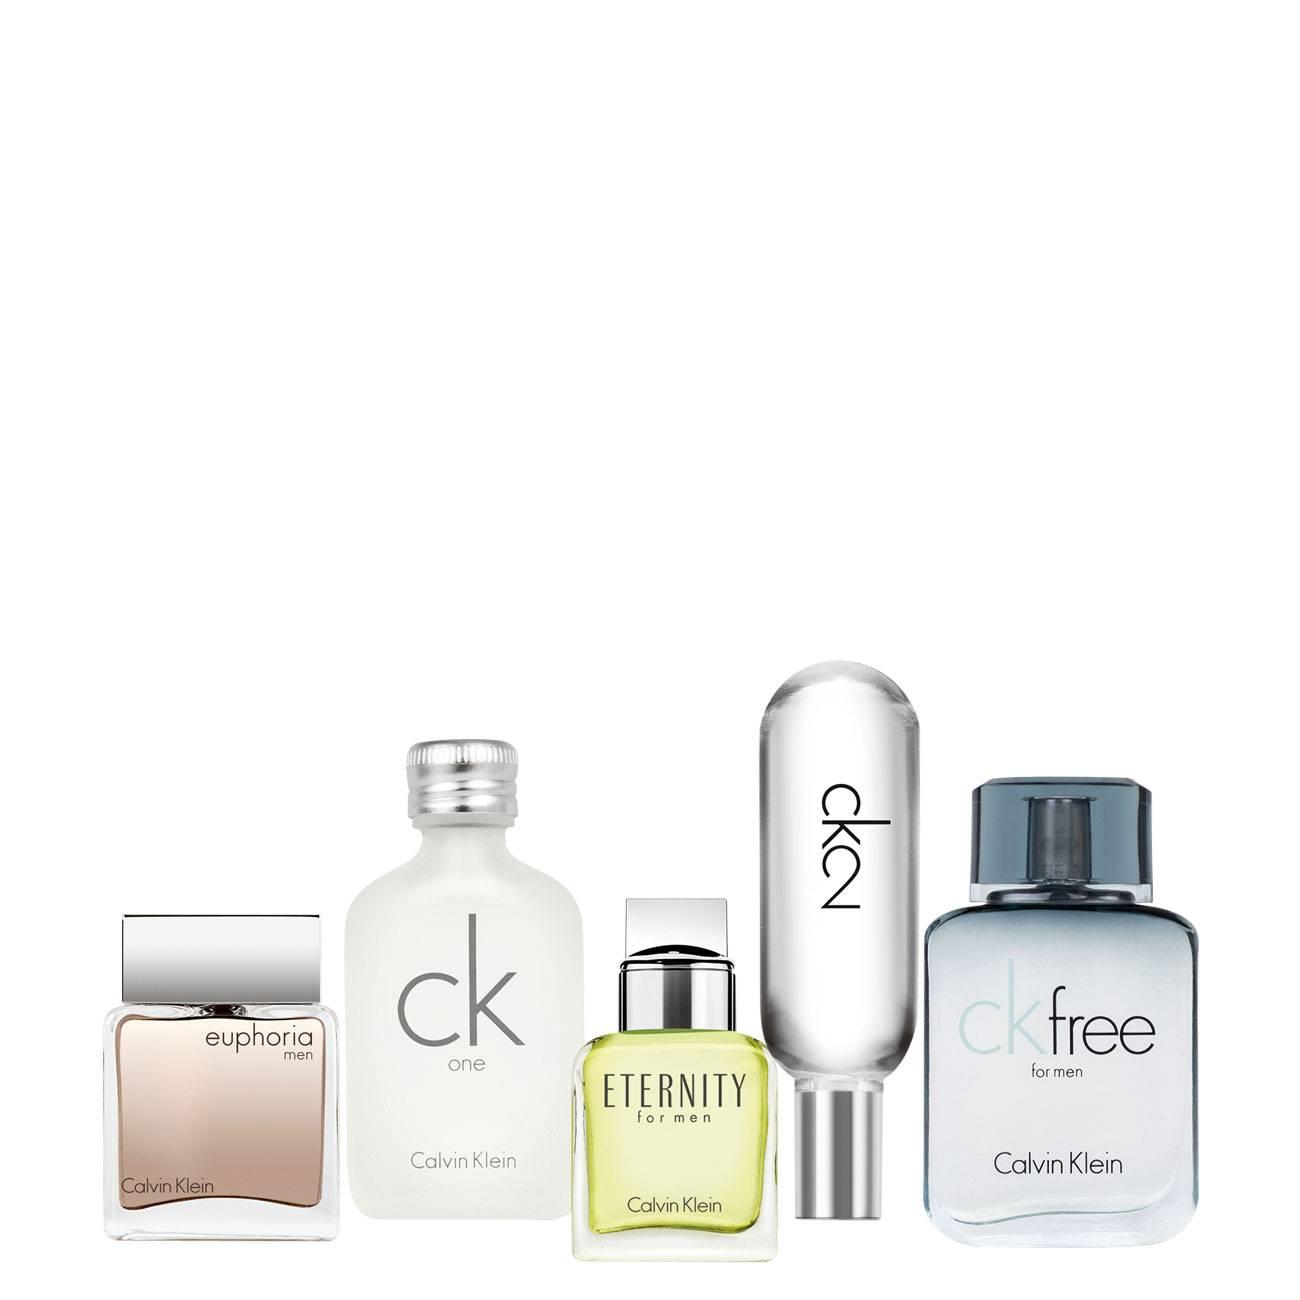 Coffret Men 50 Ml 50ml Calvin Klein imagine 2021 bestvalue.eu